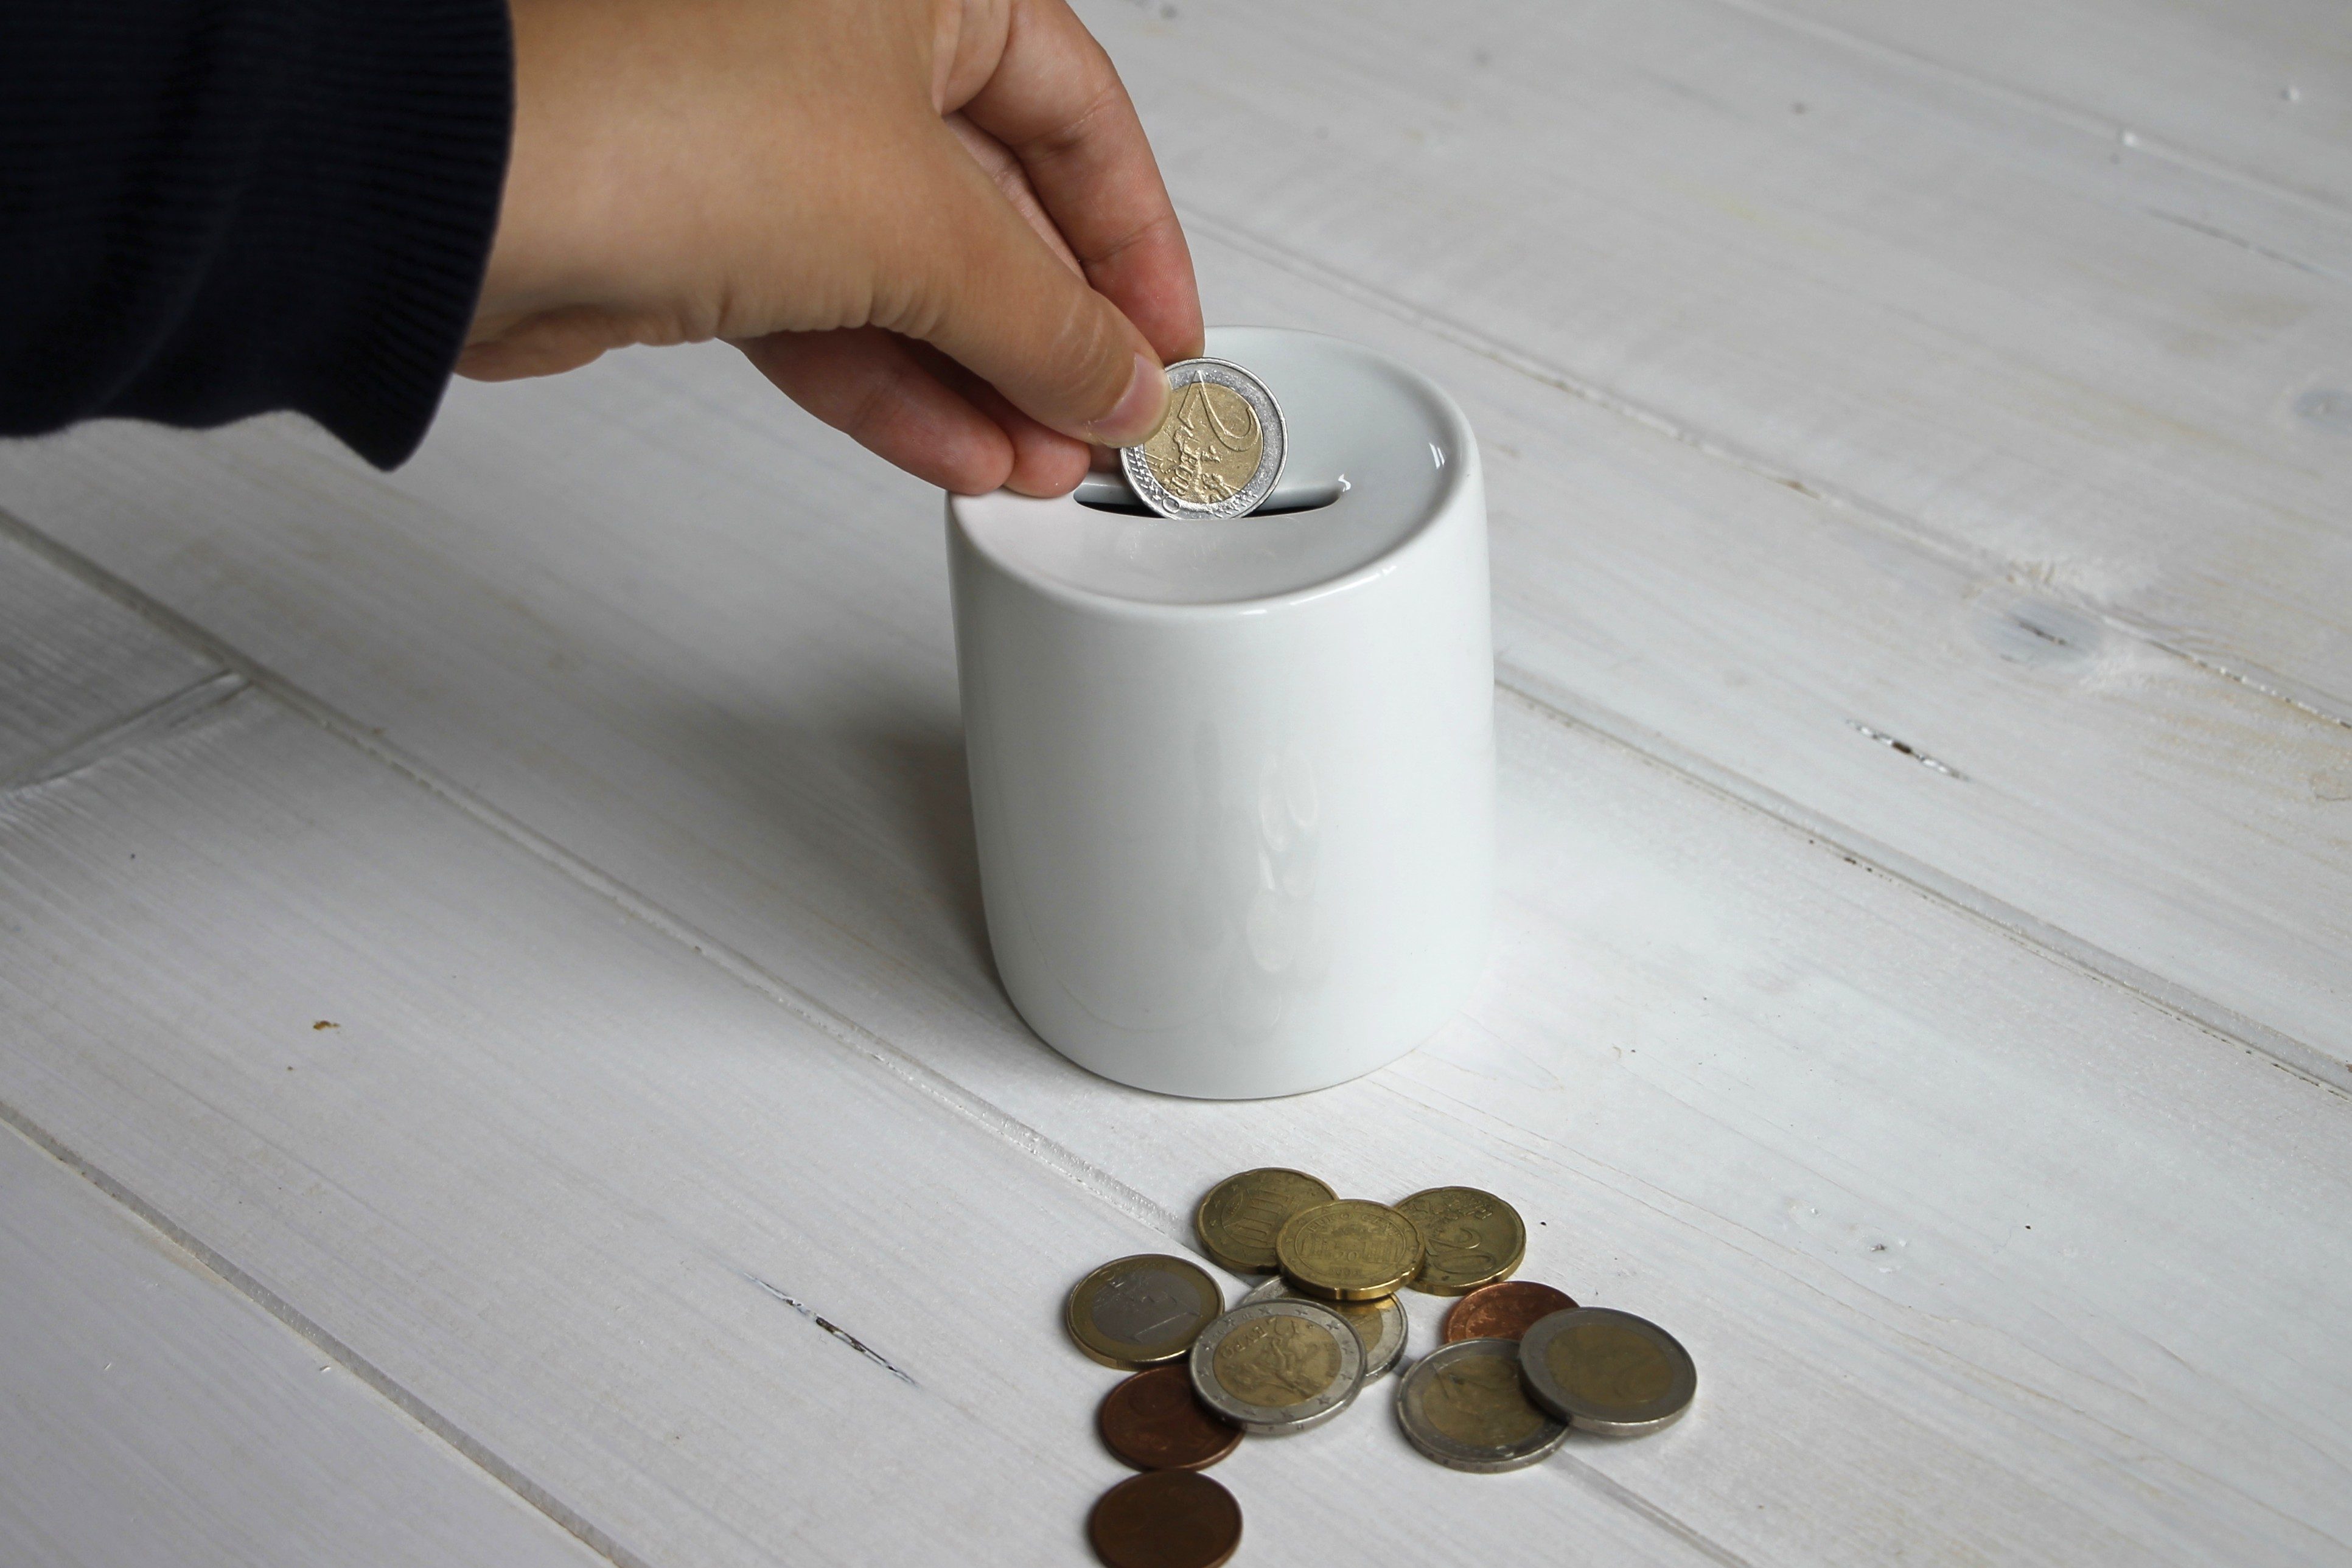 geld sparen im alltag tipps clever365 lavendelblog. Black Bedroom Furniture Sets. Home Design Ideas